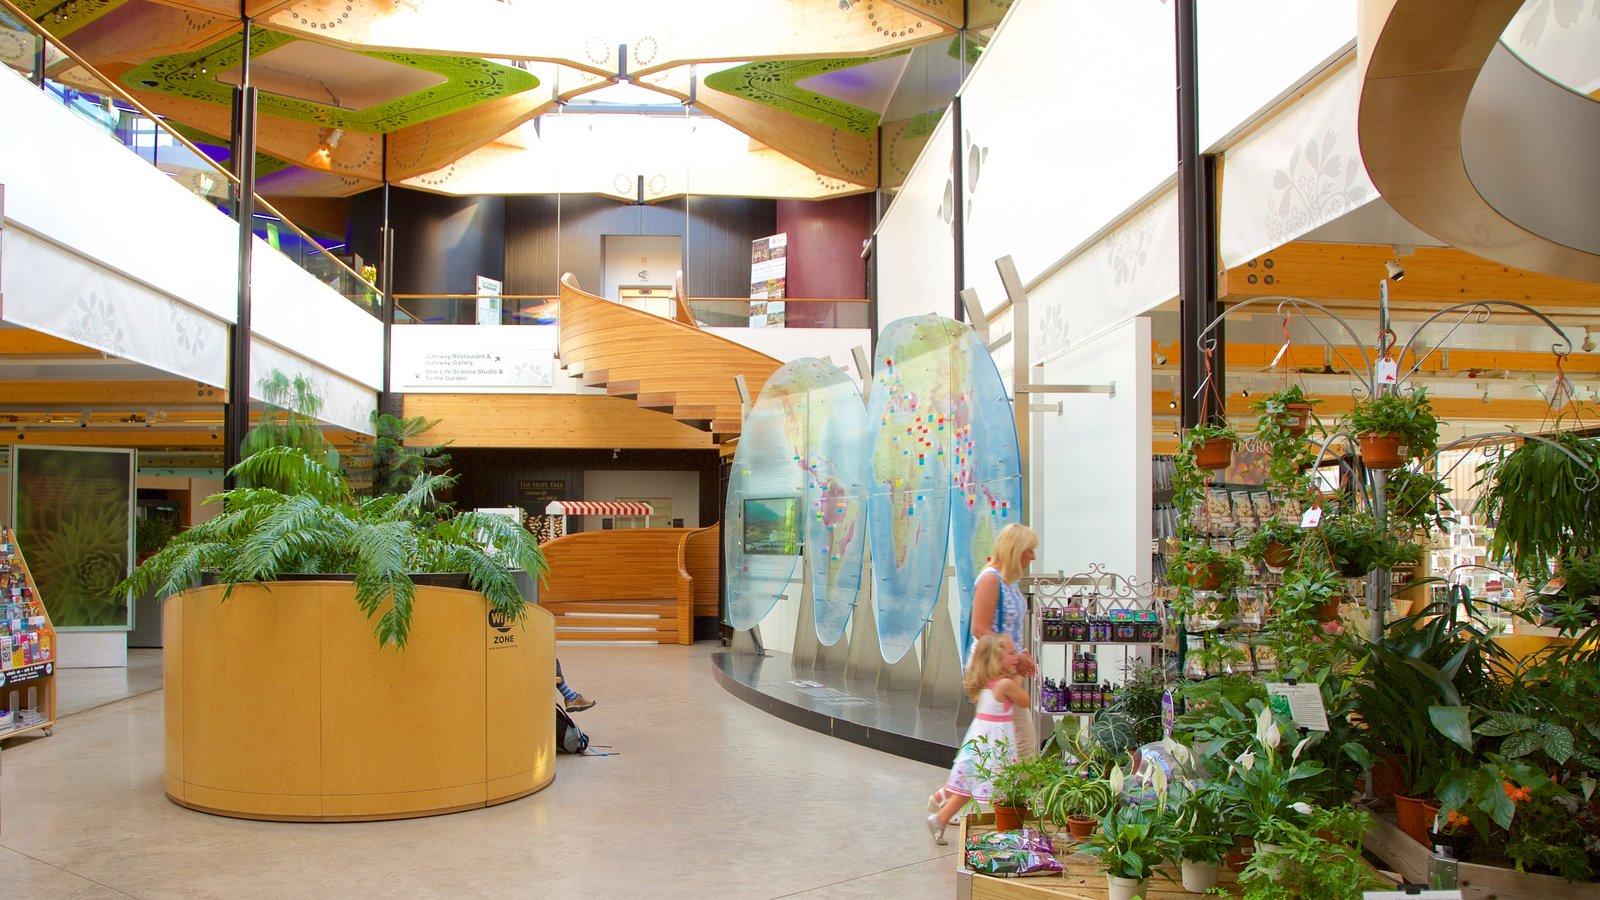 Royal Botanic Garden showing interior views